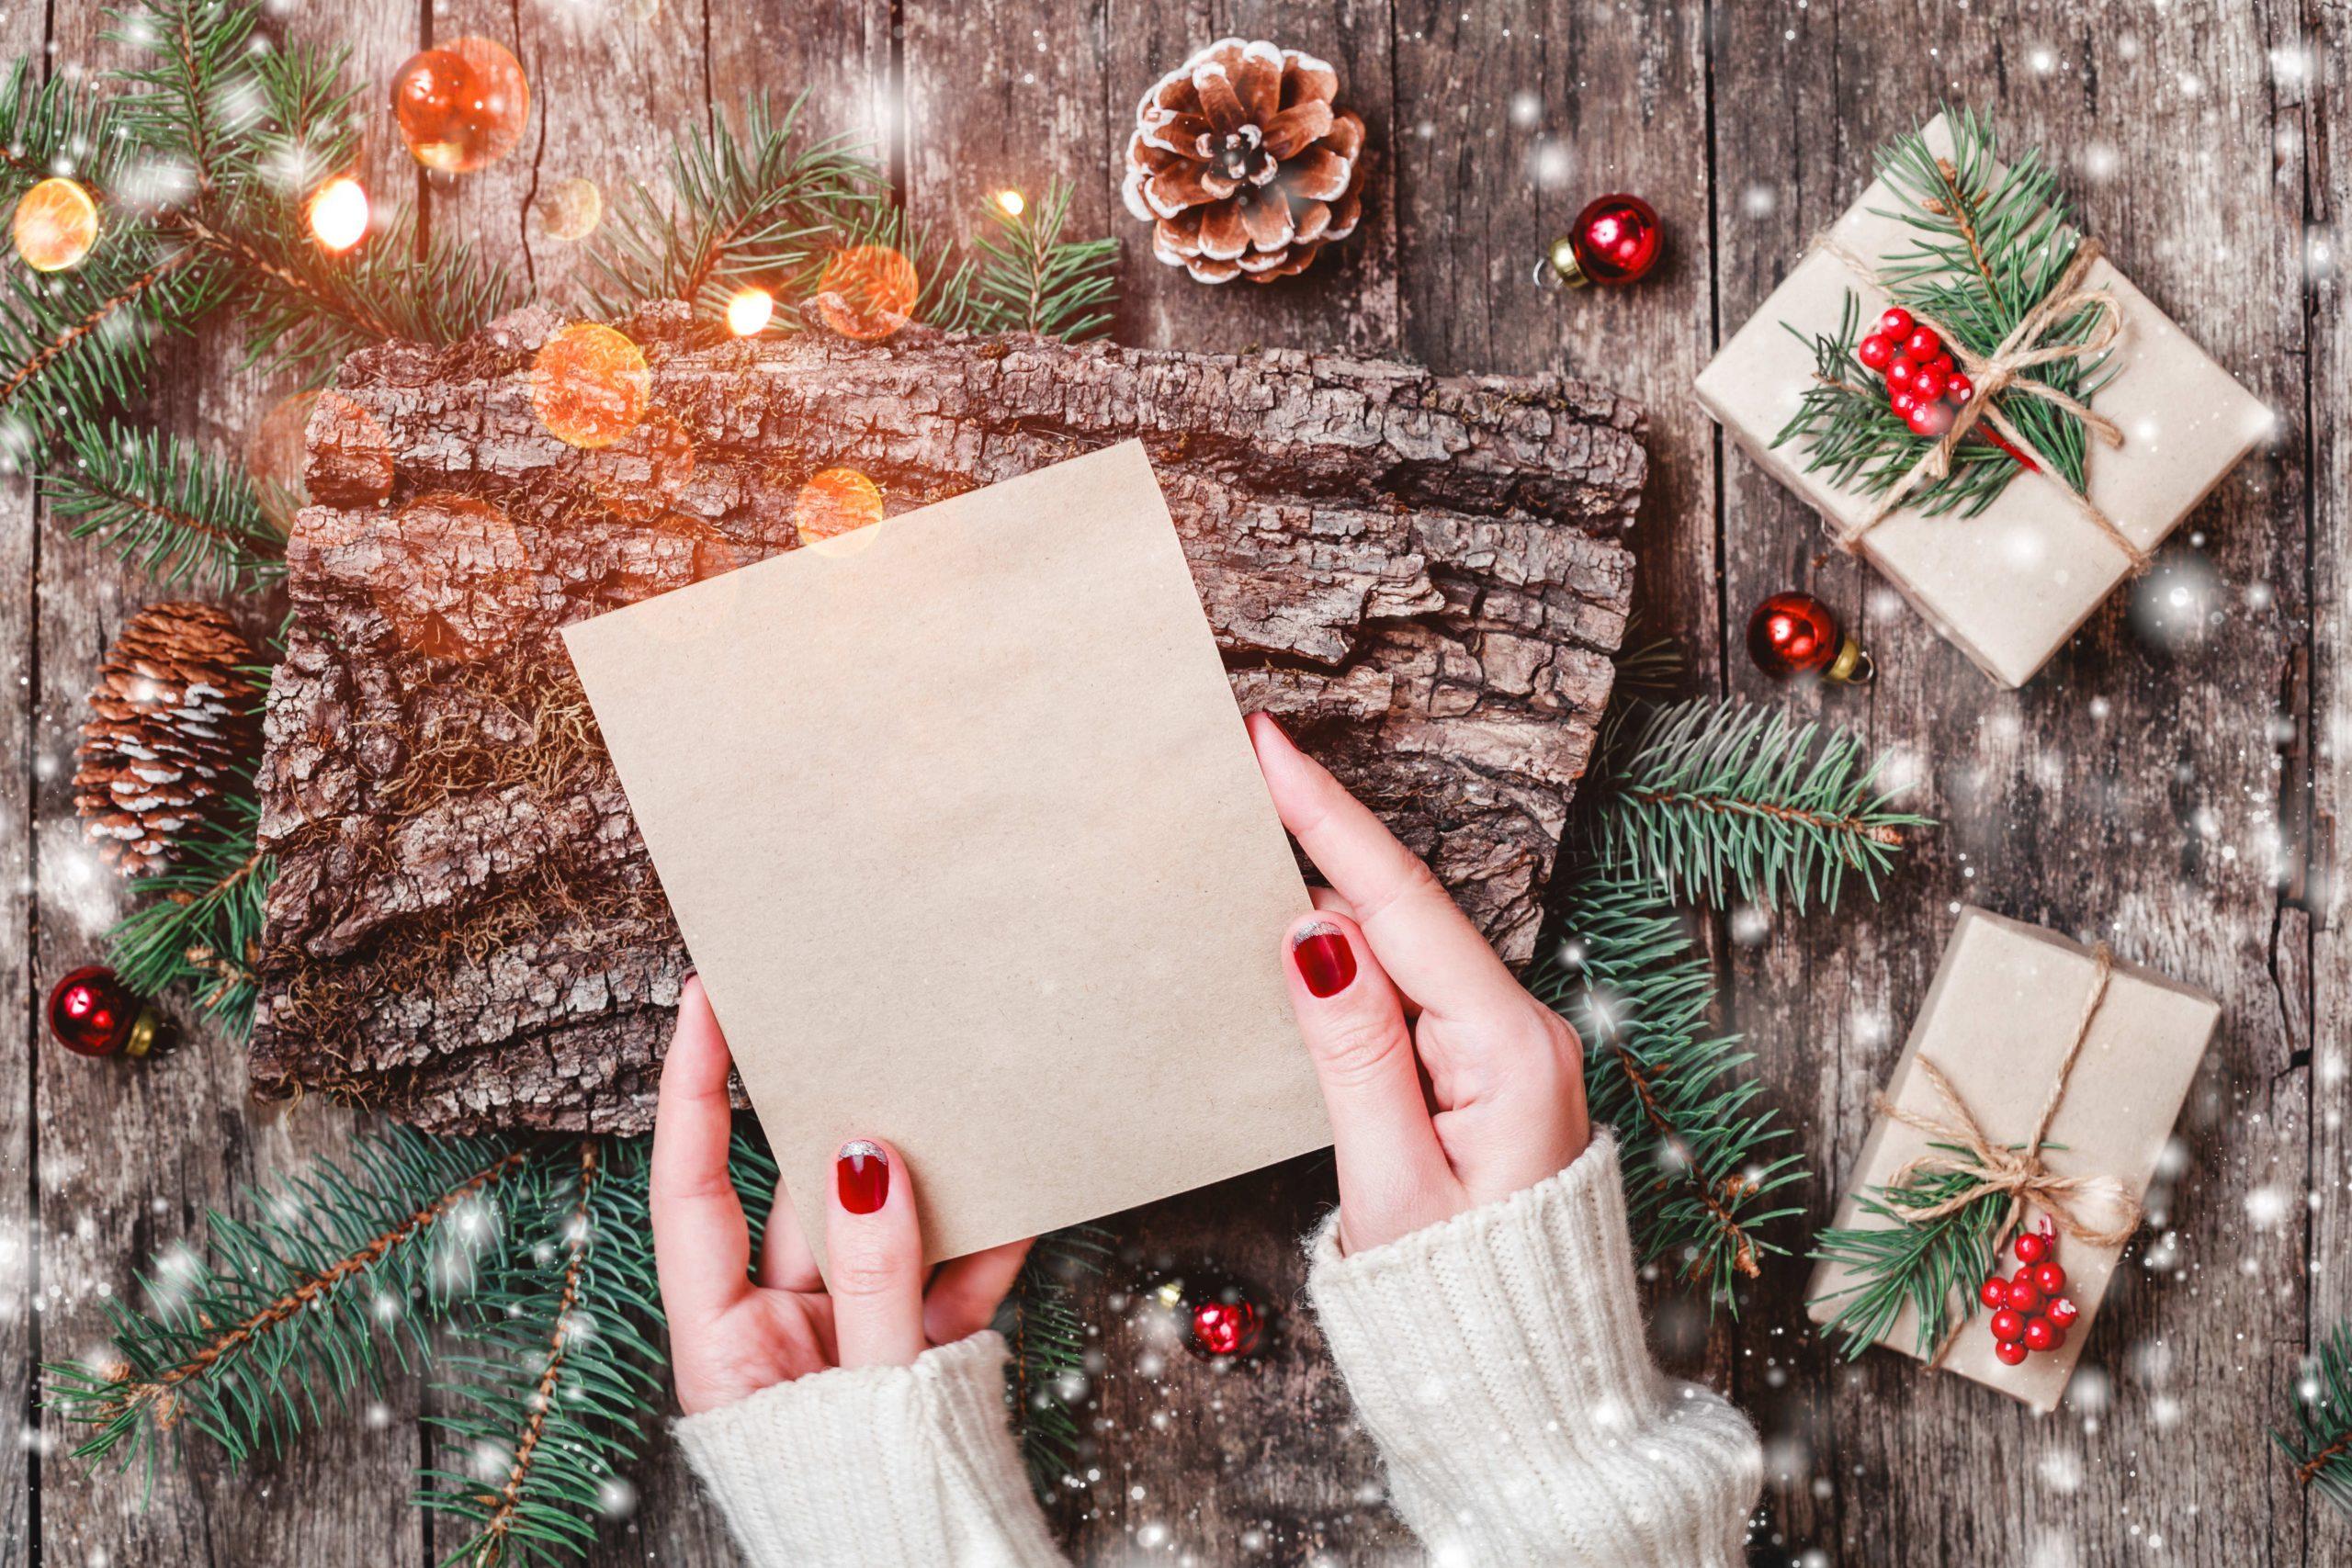 Diy : 4 Cartes De Vœux À Imprimer | Blog La Foirfouille avec Carte Joyeux Noel À Imprimer